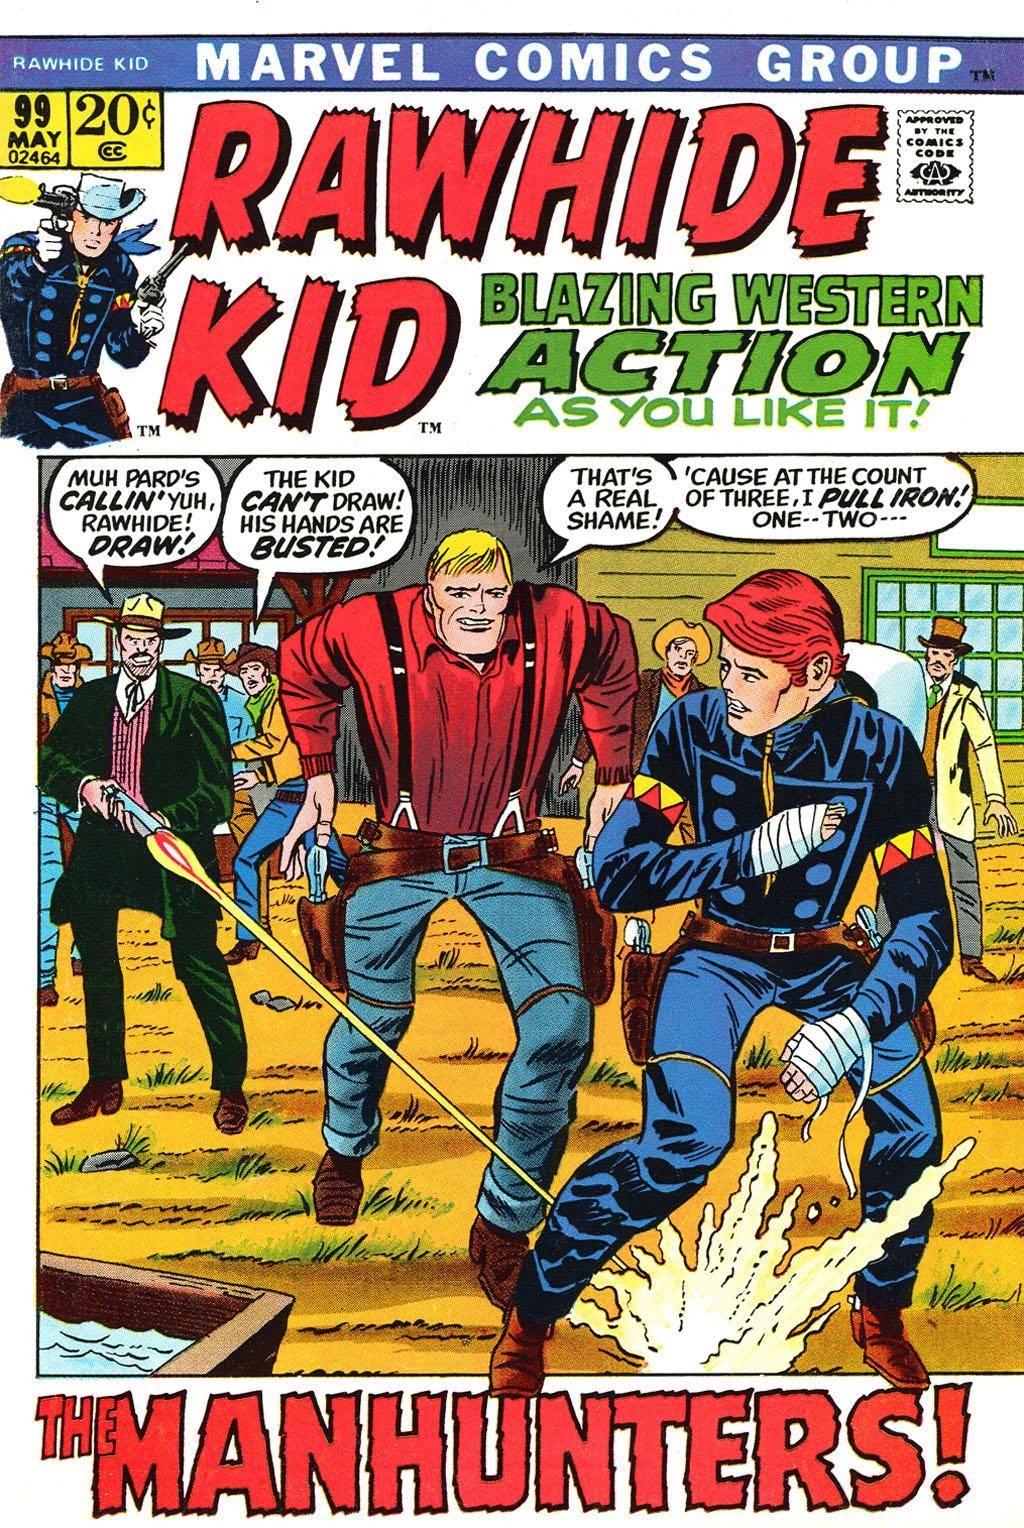 Rawhide Kid v1 099 1972 brigus